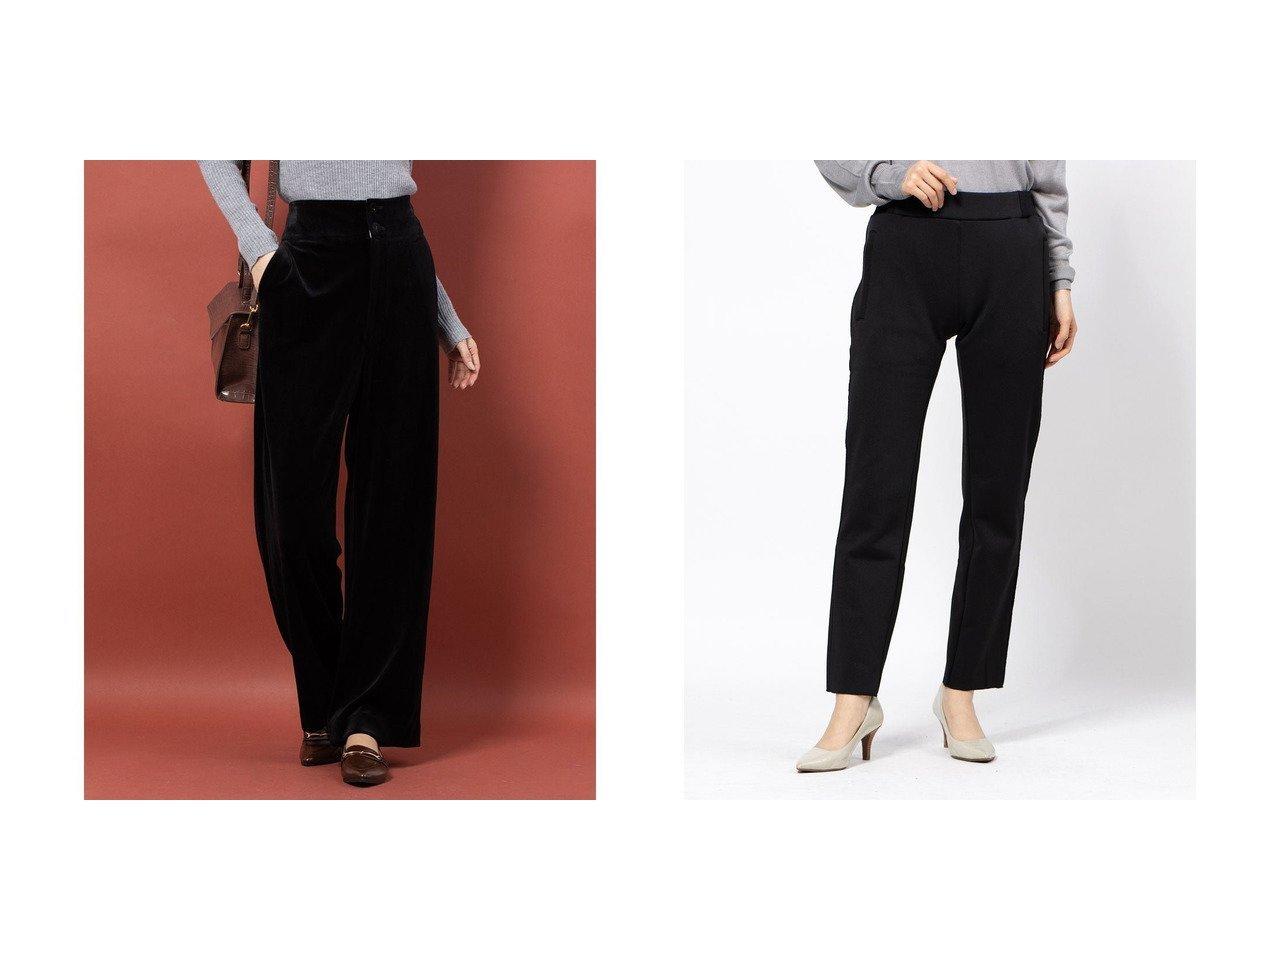 【DOUBLE STANDARD CLOTHING/ダブルスタンダードクロージング】のMA-1DUAL WARM パンツ&【Rename/リネーム】のベルベット調ワイドパンツ パンツのおすすめ!人気、レディースファッションの通販 おすすめで人気のファッション通販商品 インテリア・家具・キッズファッション・メンズファッション・レディースファッション・服の通販 founy(ファニー) https://founy.com/ ファッション Fashion レディース WOMEN パンツ Pants アウター Coat Outerwear MA-1 MA-1 ベルベット ワイド ストレート 冬 Winter |ID:crp329100000002609